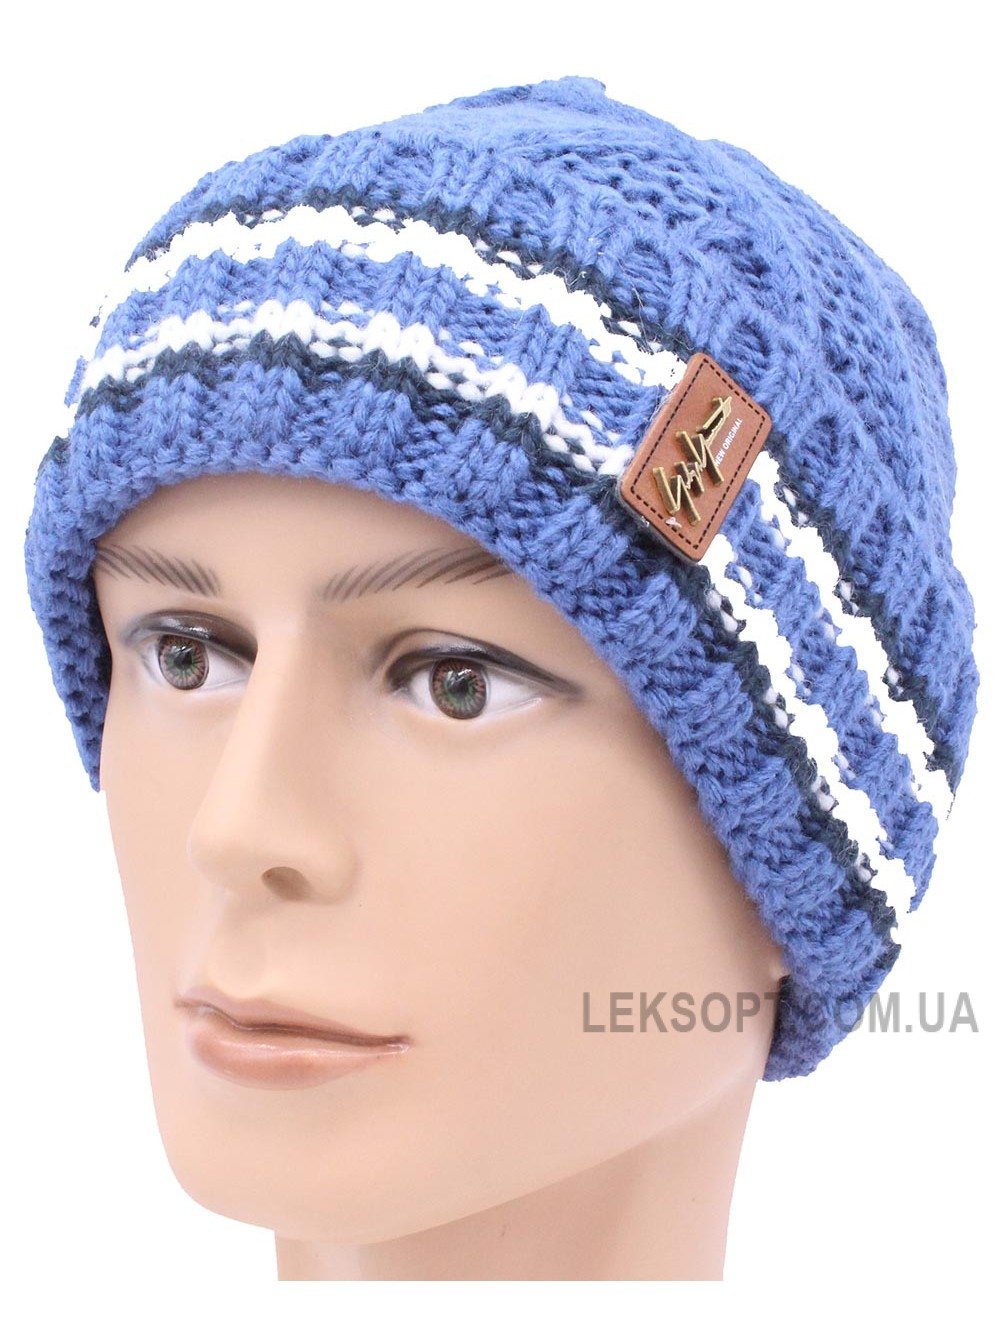 Детская вязаная шапка N13-165-54-56